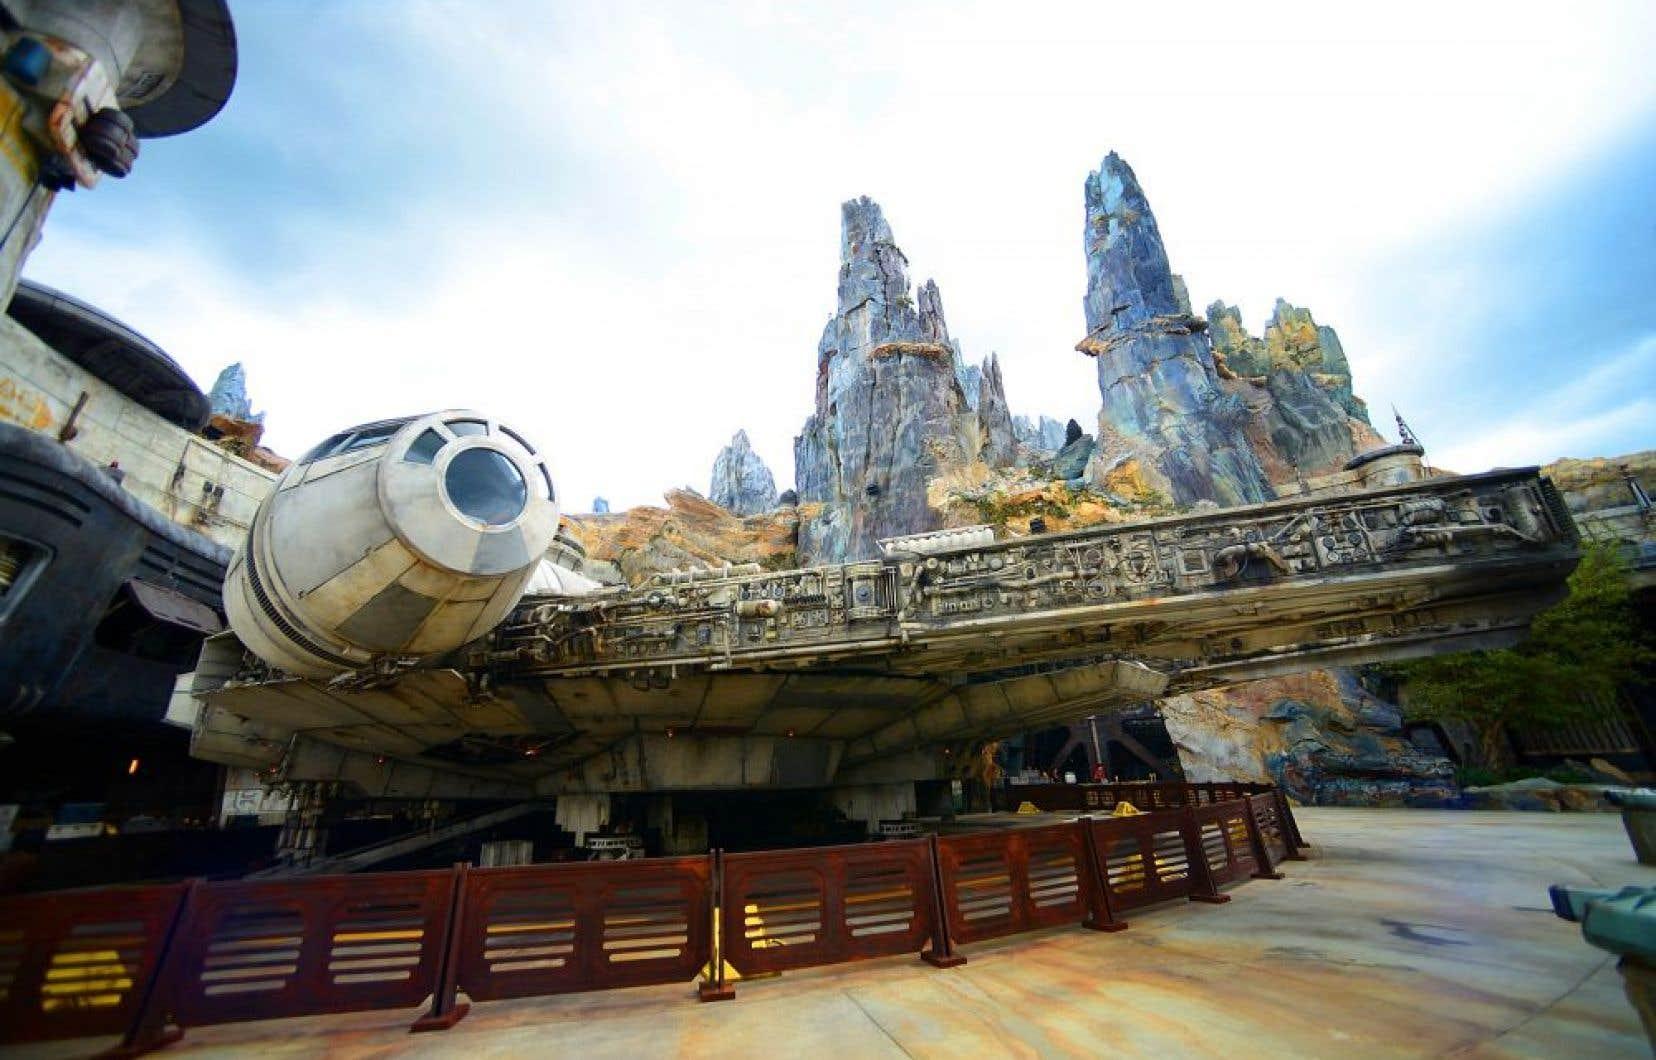 Une vue générale de Millennium Falcon à Galaxy's Edge, Walt Disney World Resort, à Orlando, en Floride.